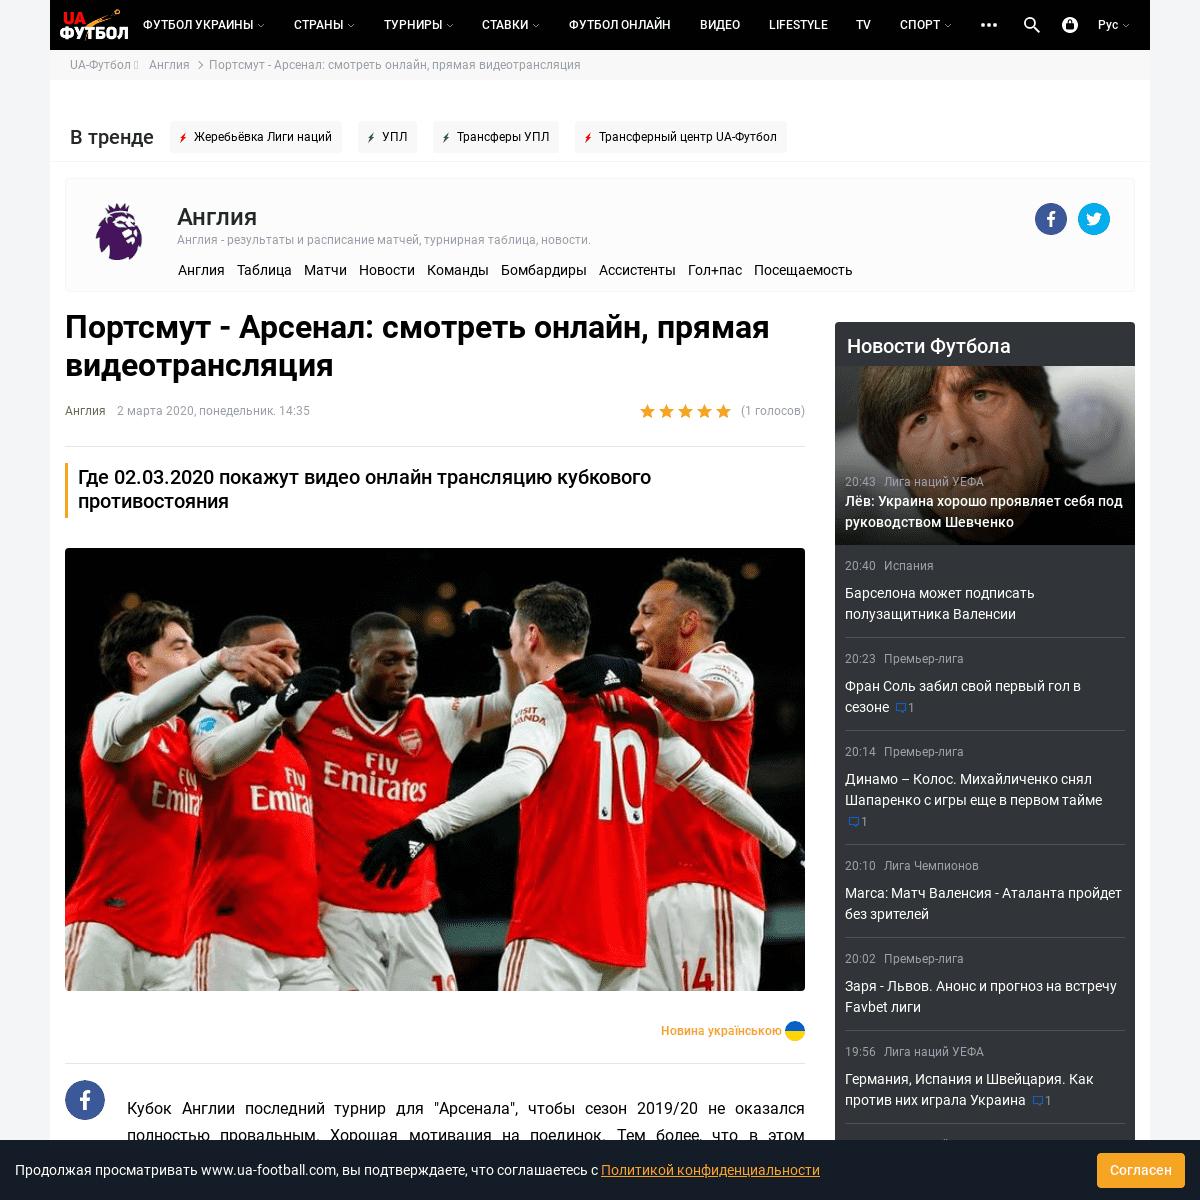 Портсмут - Арсенал- Где и когда смотреть онлайн трансляцию матча ⋉ 2 ма